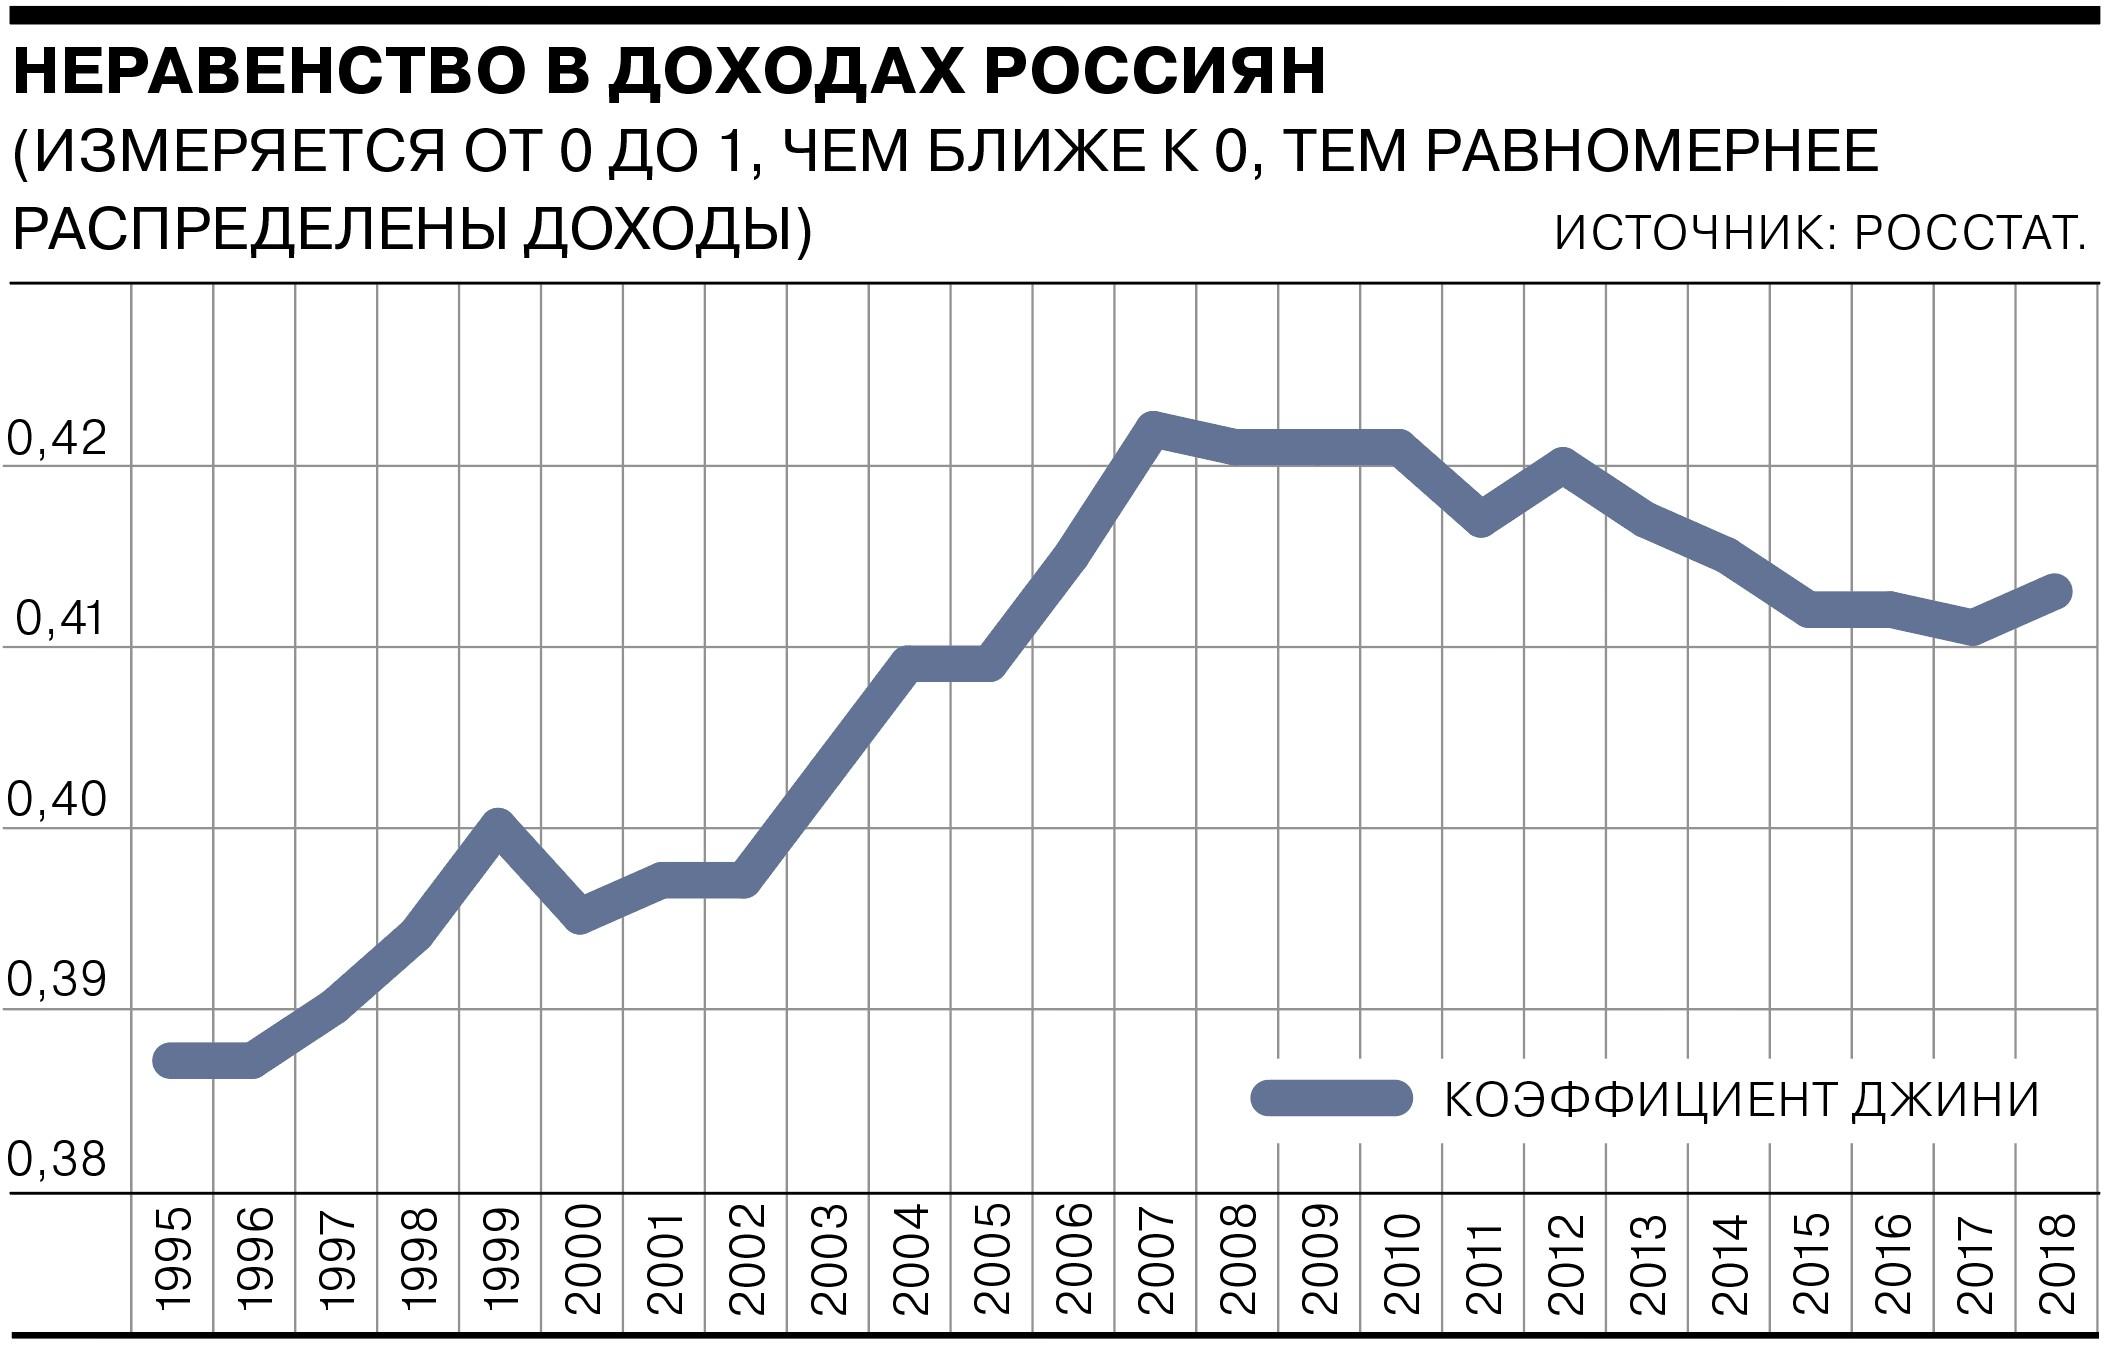 В России коэффициент Джини в последние годы держится на уровне 0,41. Наибольший уровень расслоения доходов был зафиксирован в 2008 году (0,422).